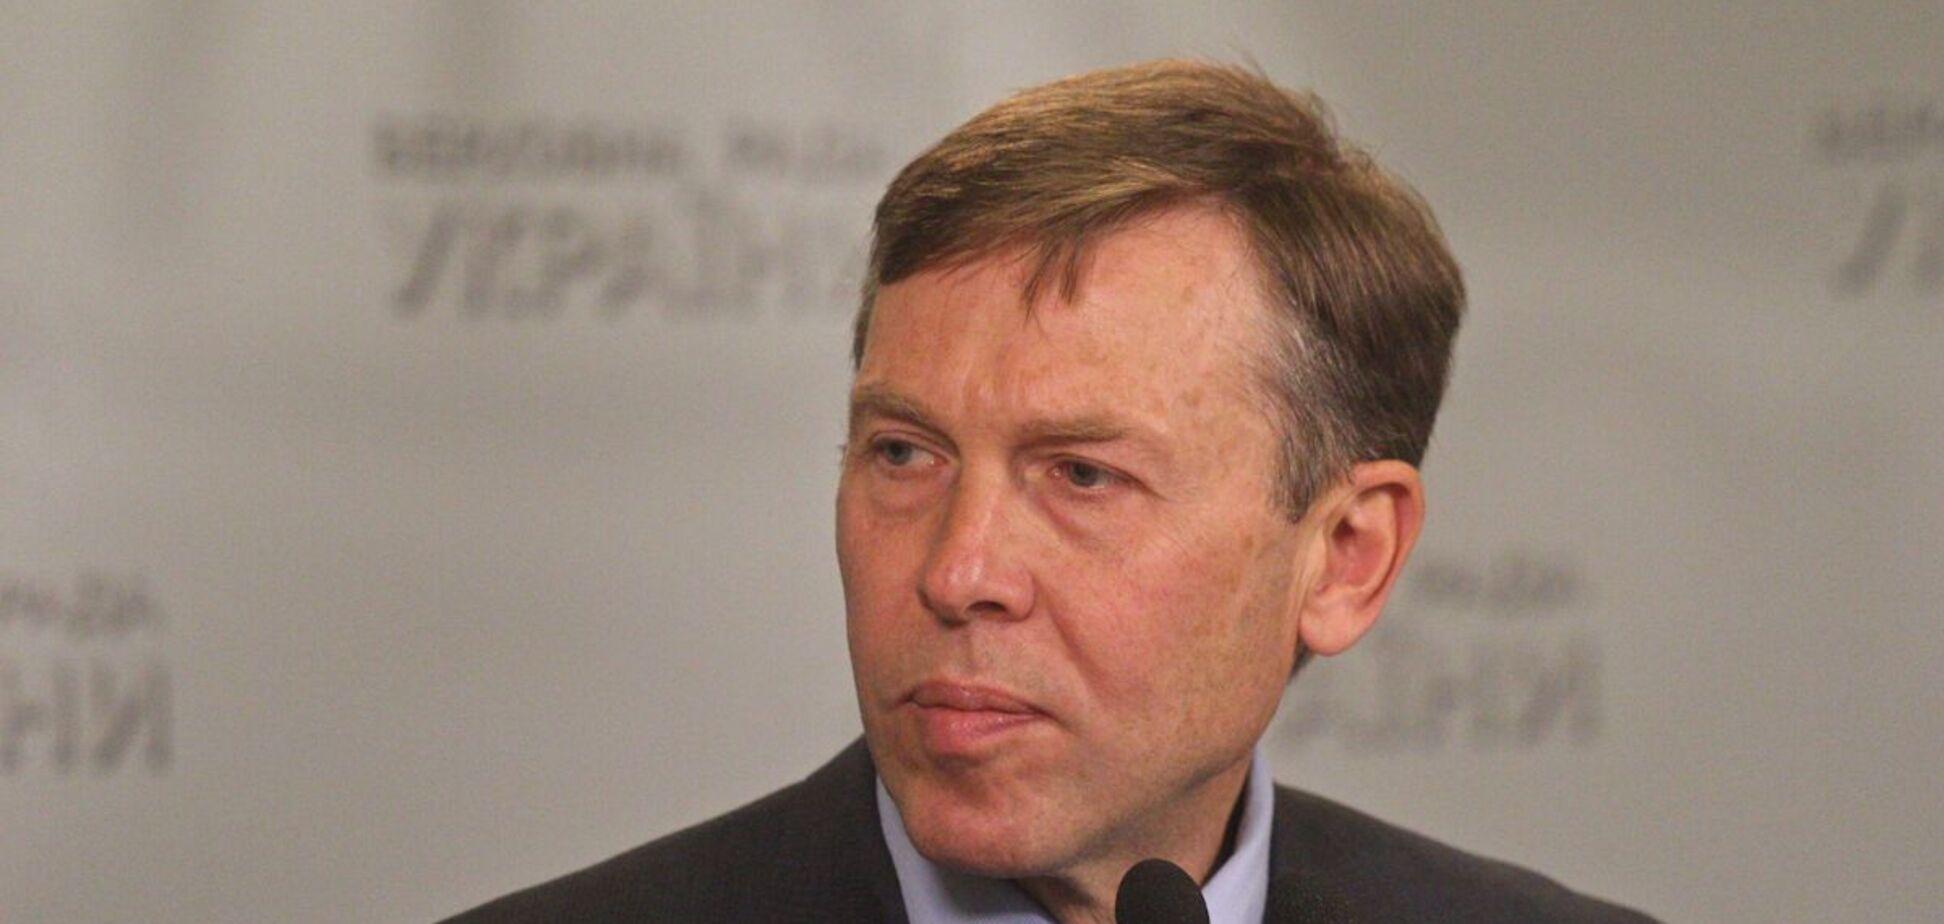 Соболев – о правительстве Украины: это власть двоечников, ее даже на второй год оставлять опасно